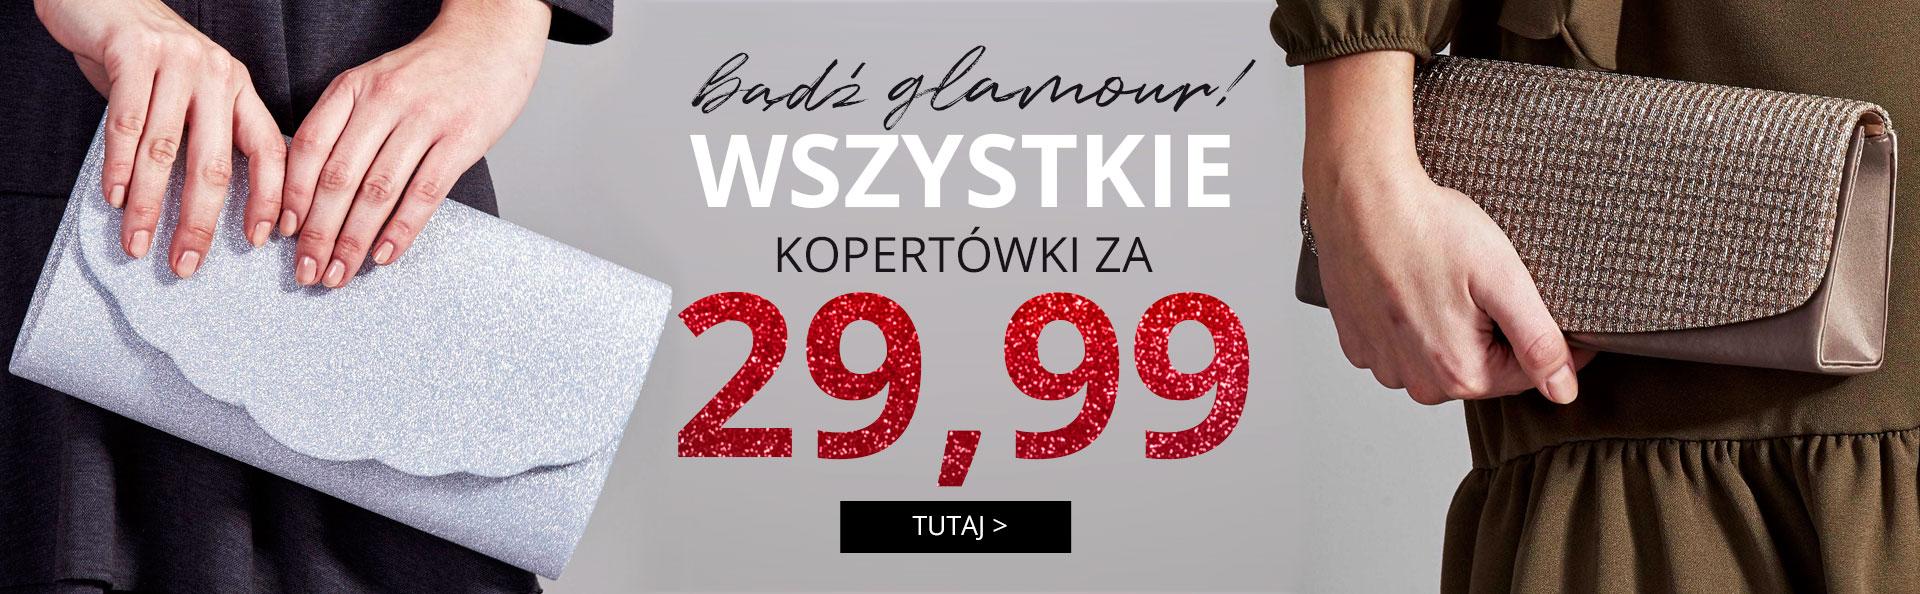 Butik: wszystkie kopertówki za 29,99 zł                         title=